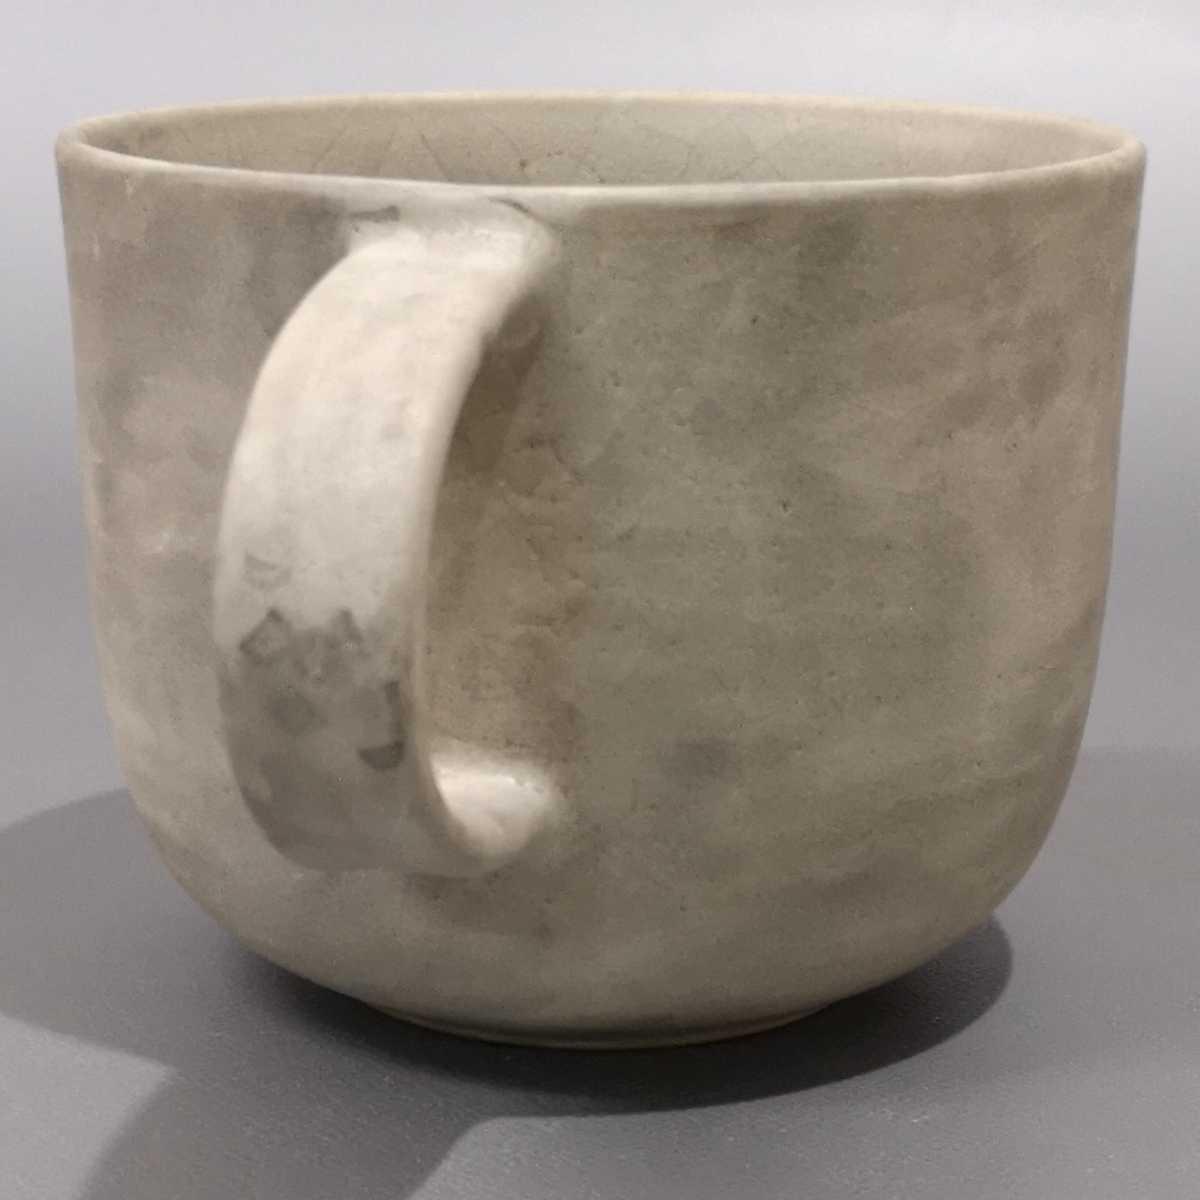 叶46)萩焼 コーヒーカップ マグカップ 珈琲器 未使用新品 同梱歓迎_画像2